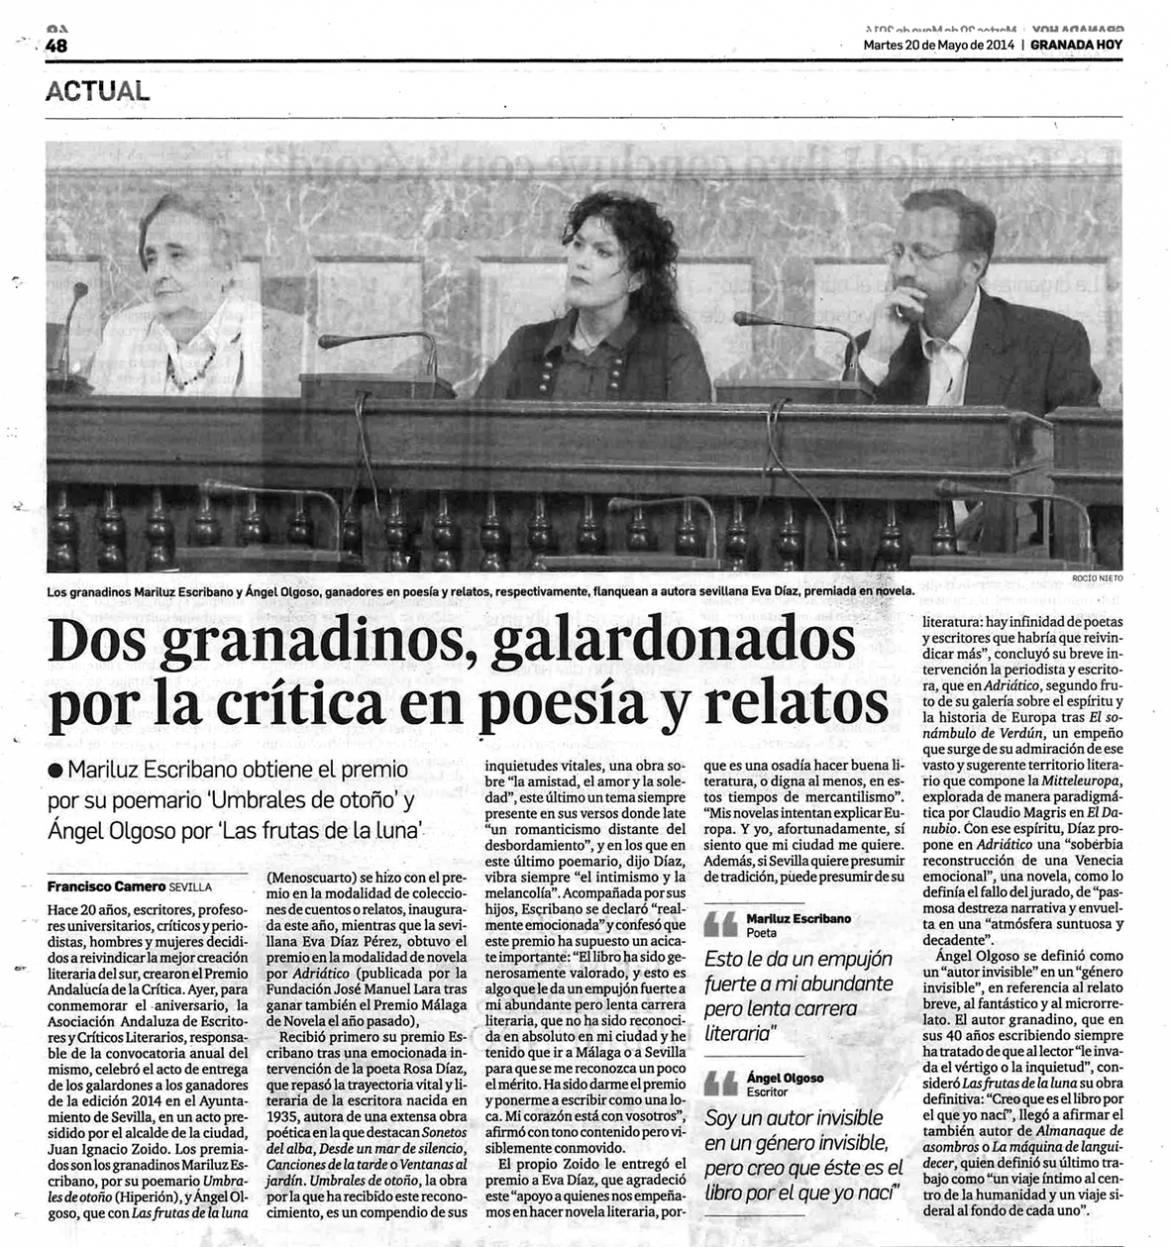 images_GranadaHoy-20-05-2014.jpg